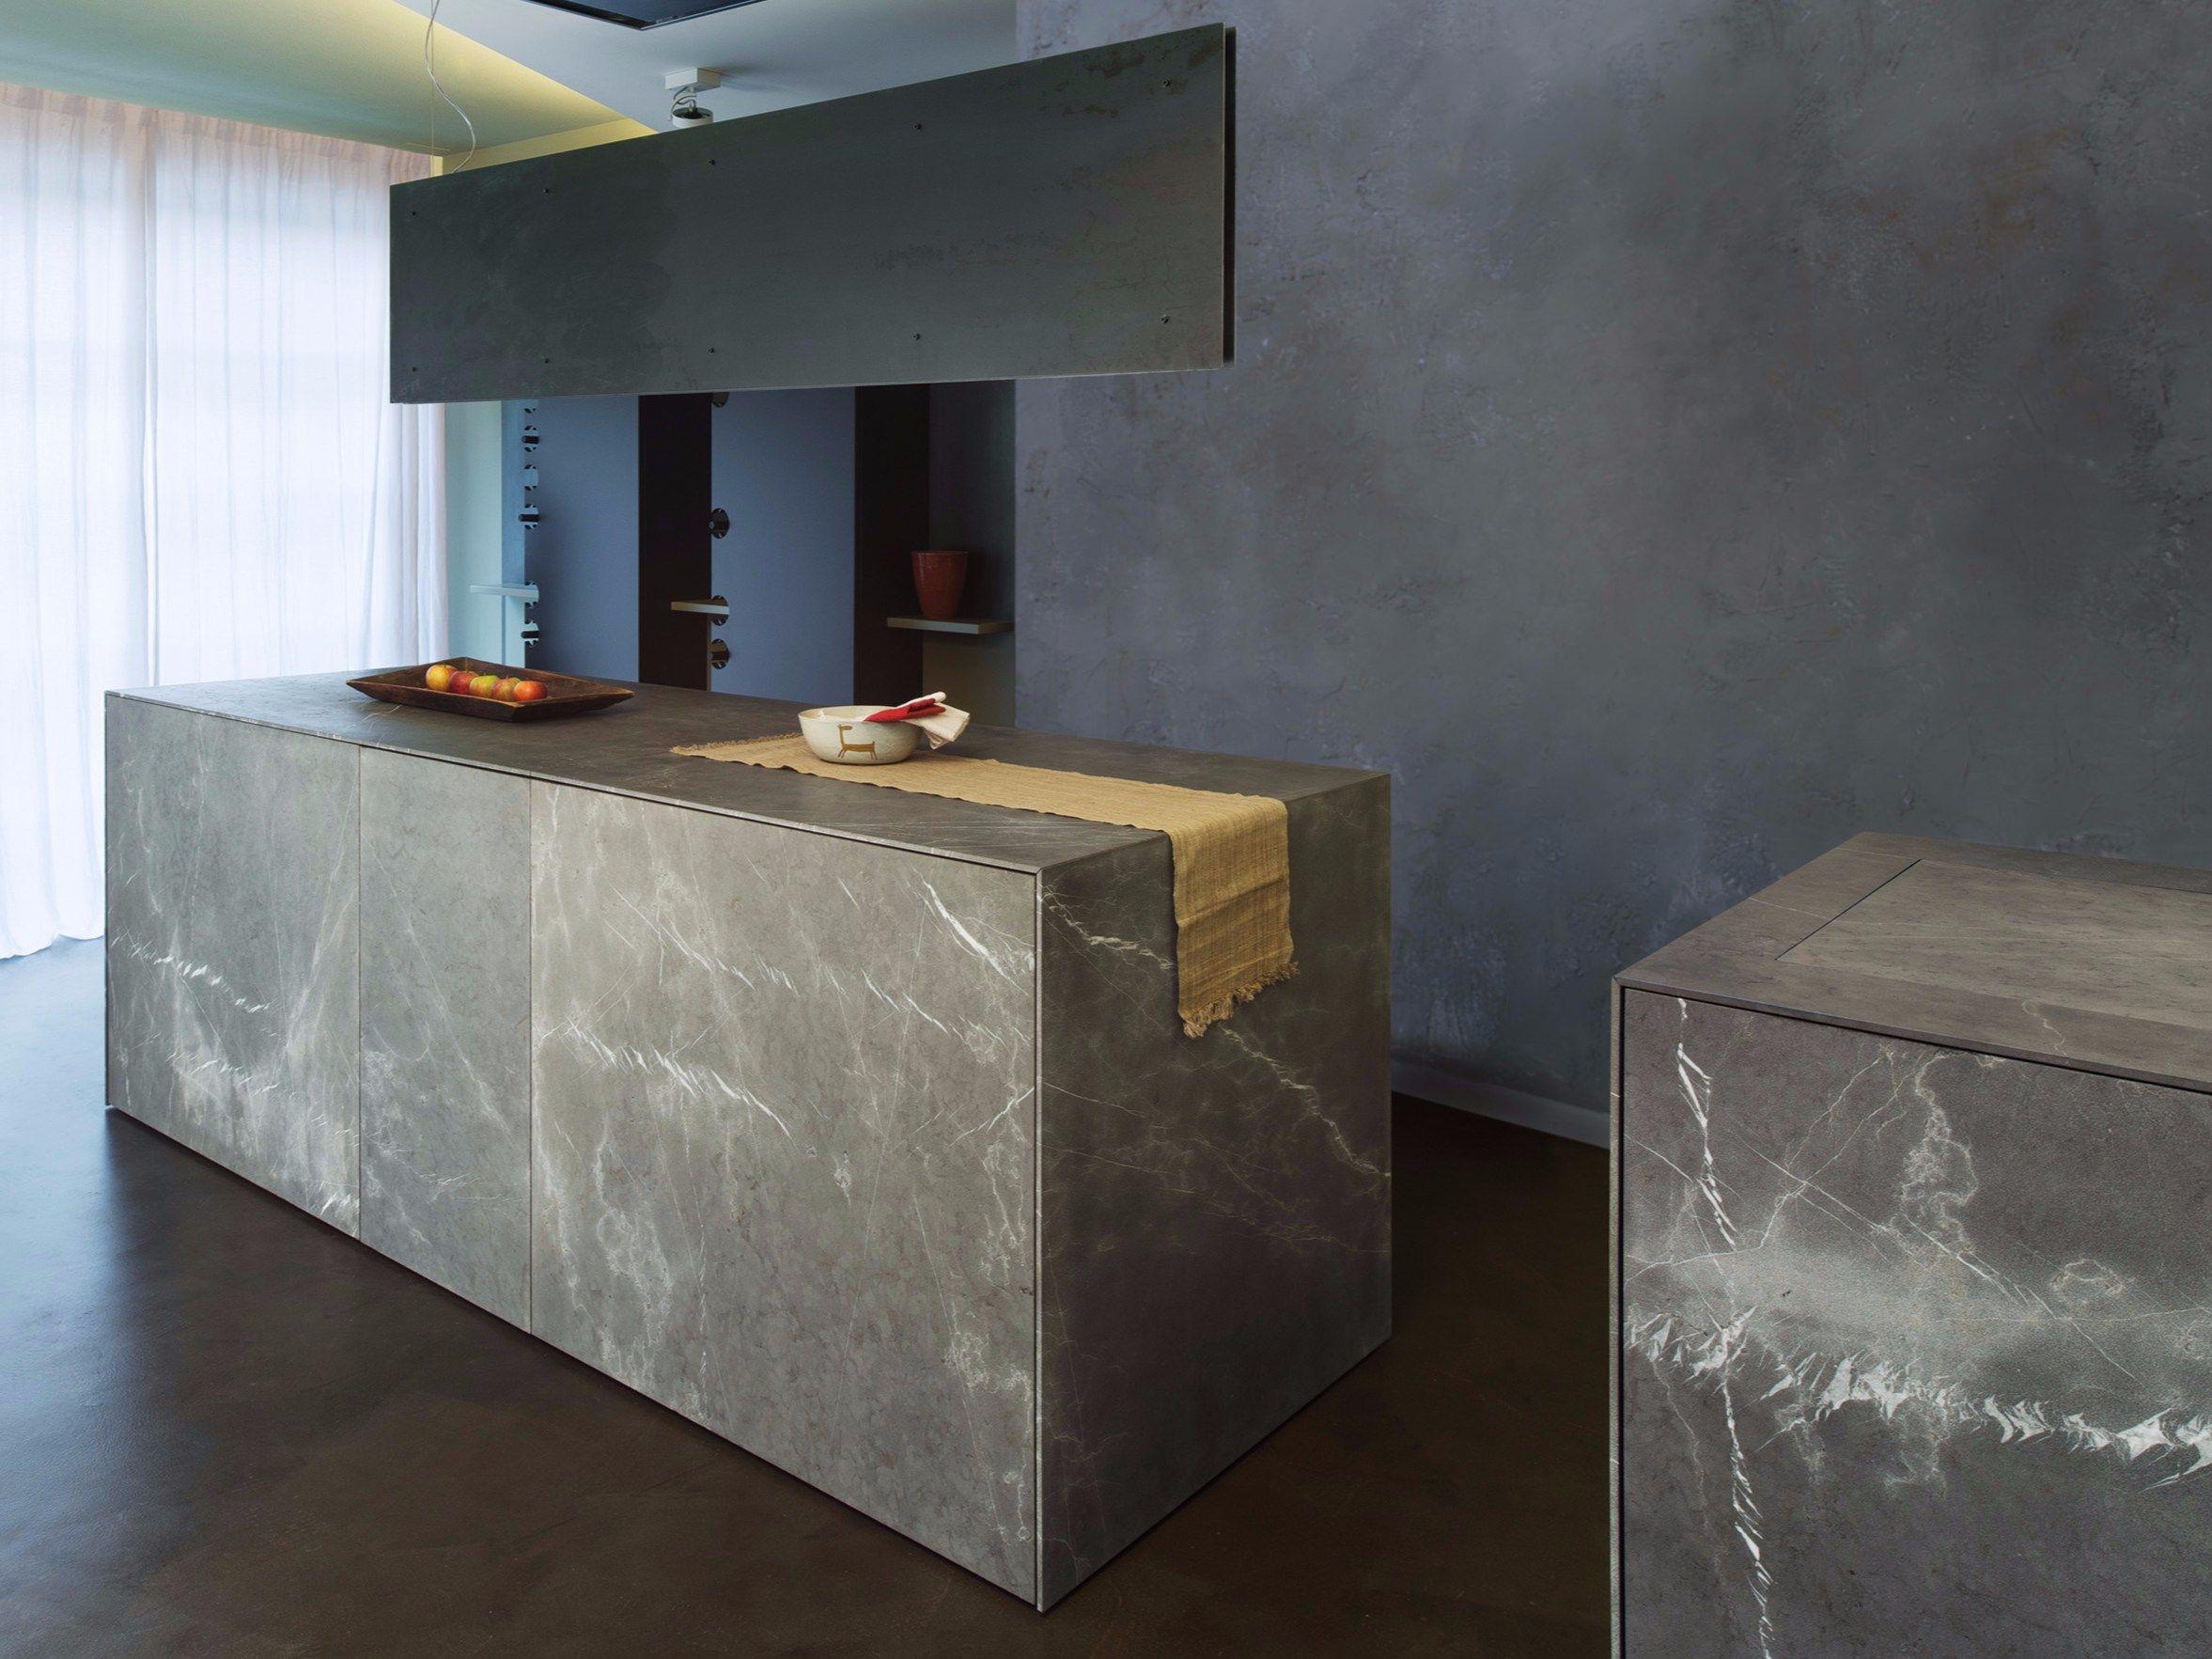 D90 cucina in pietra naturale by tm italia cucine - Cucina freestanding prezzi ...